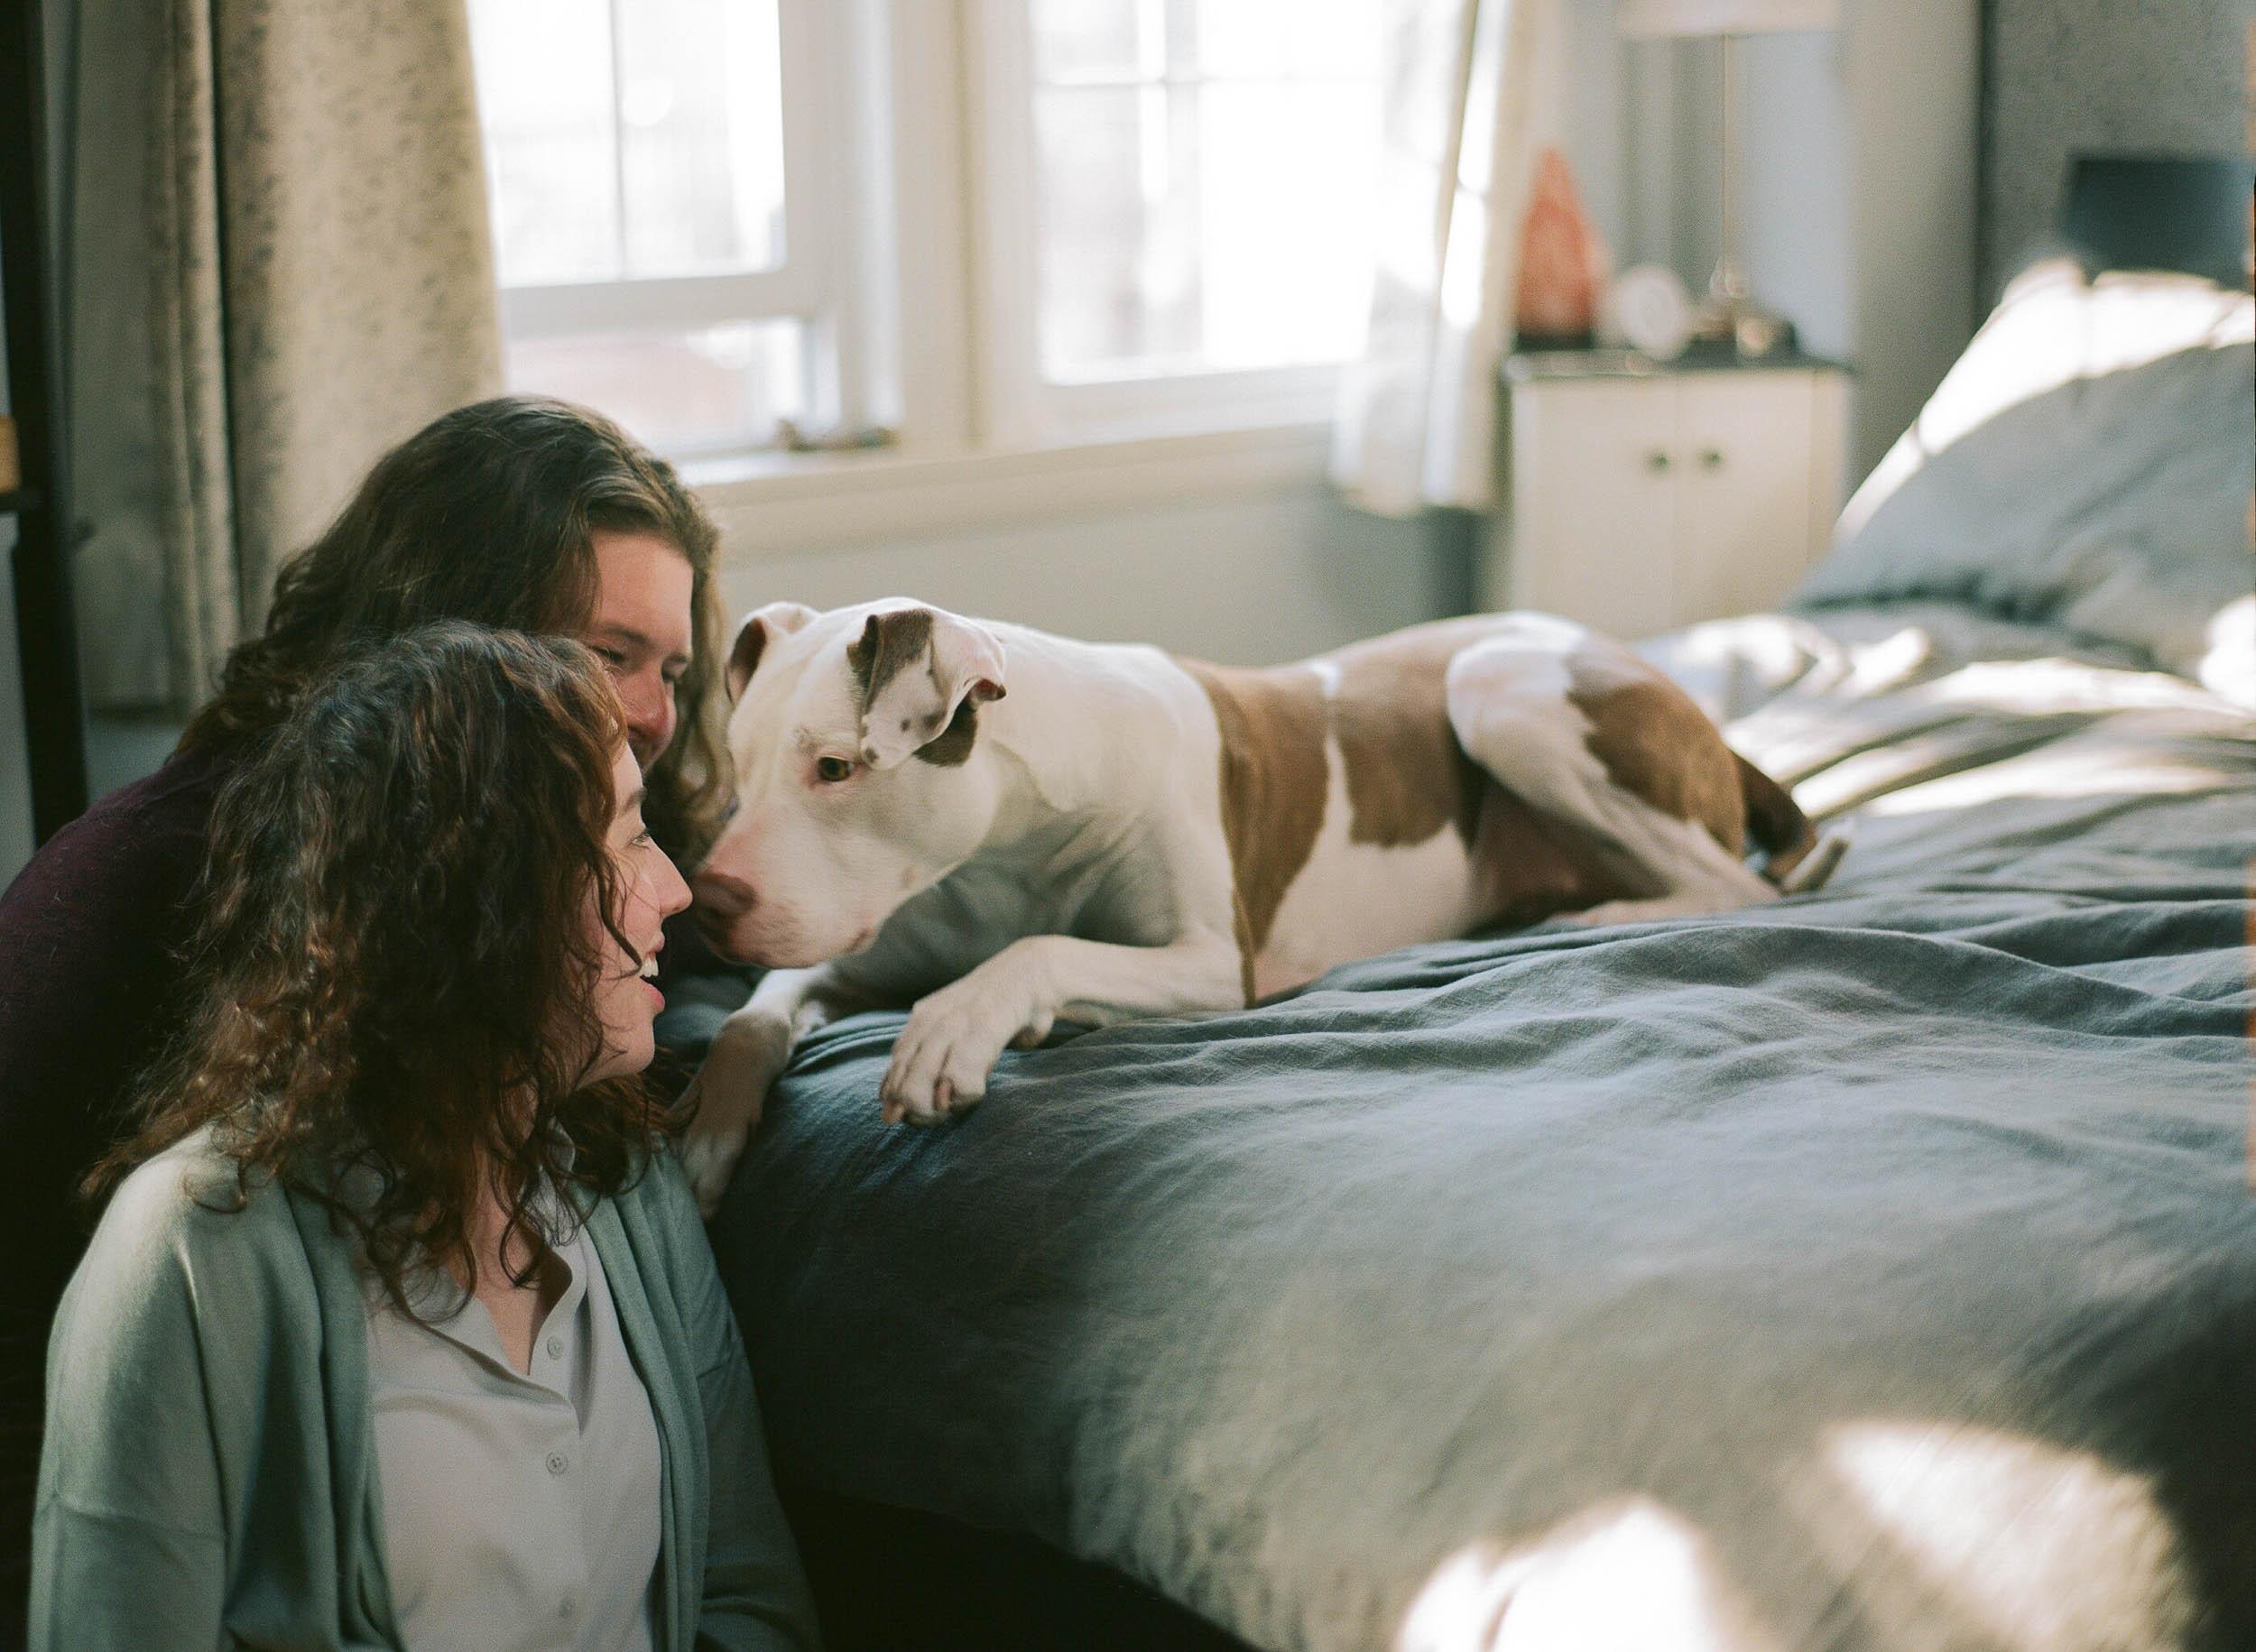 Kristen-Humbert-Family-Photoshoot-Philadelphia_Ruby-James-W-2-55.jpg